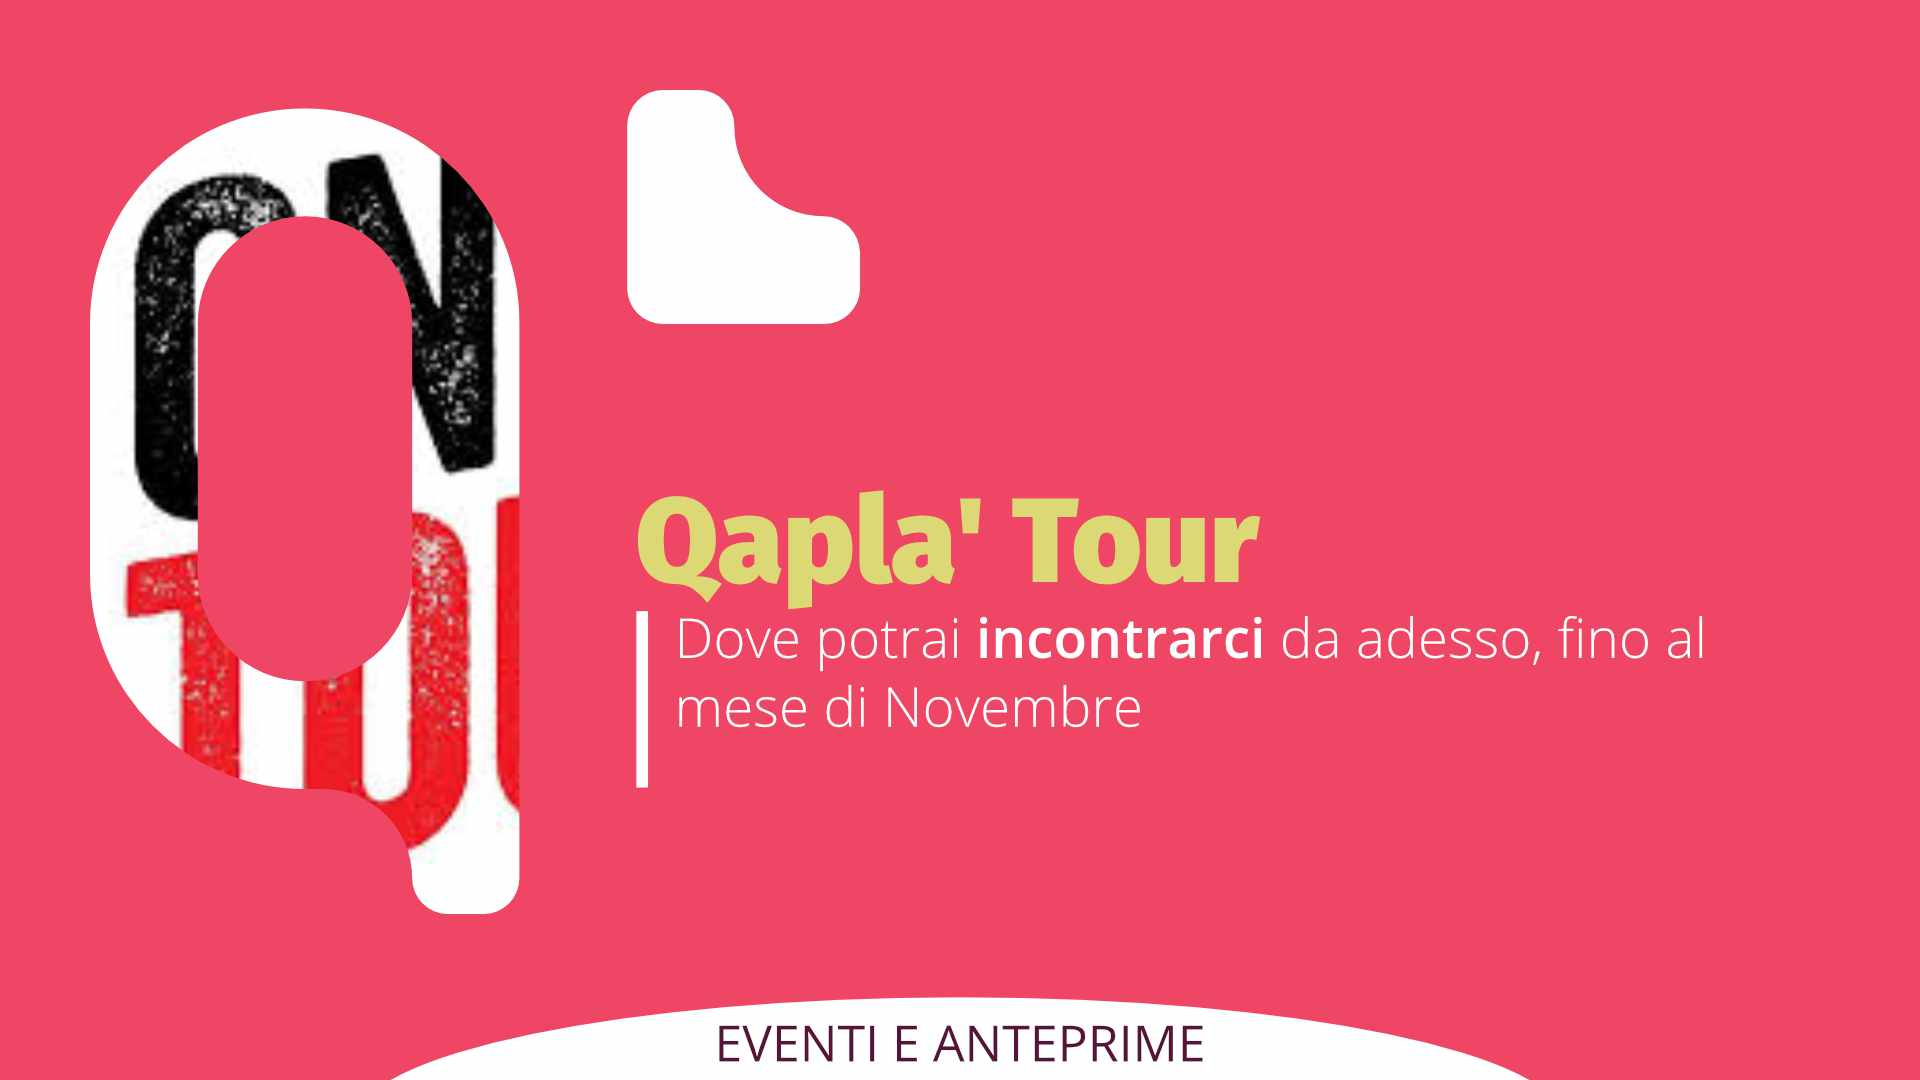 Qapla' tour